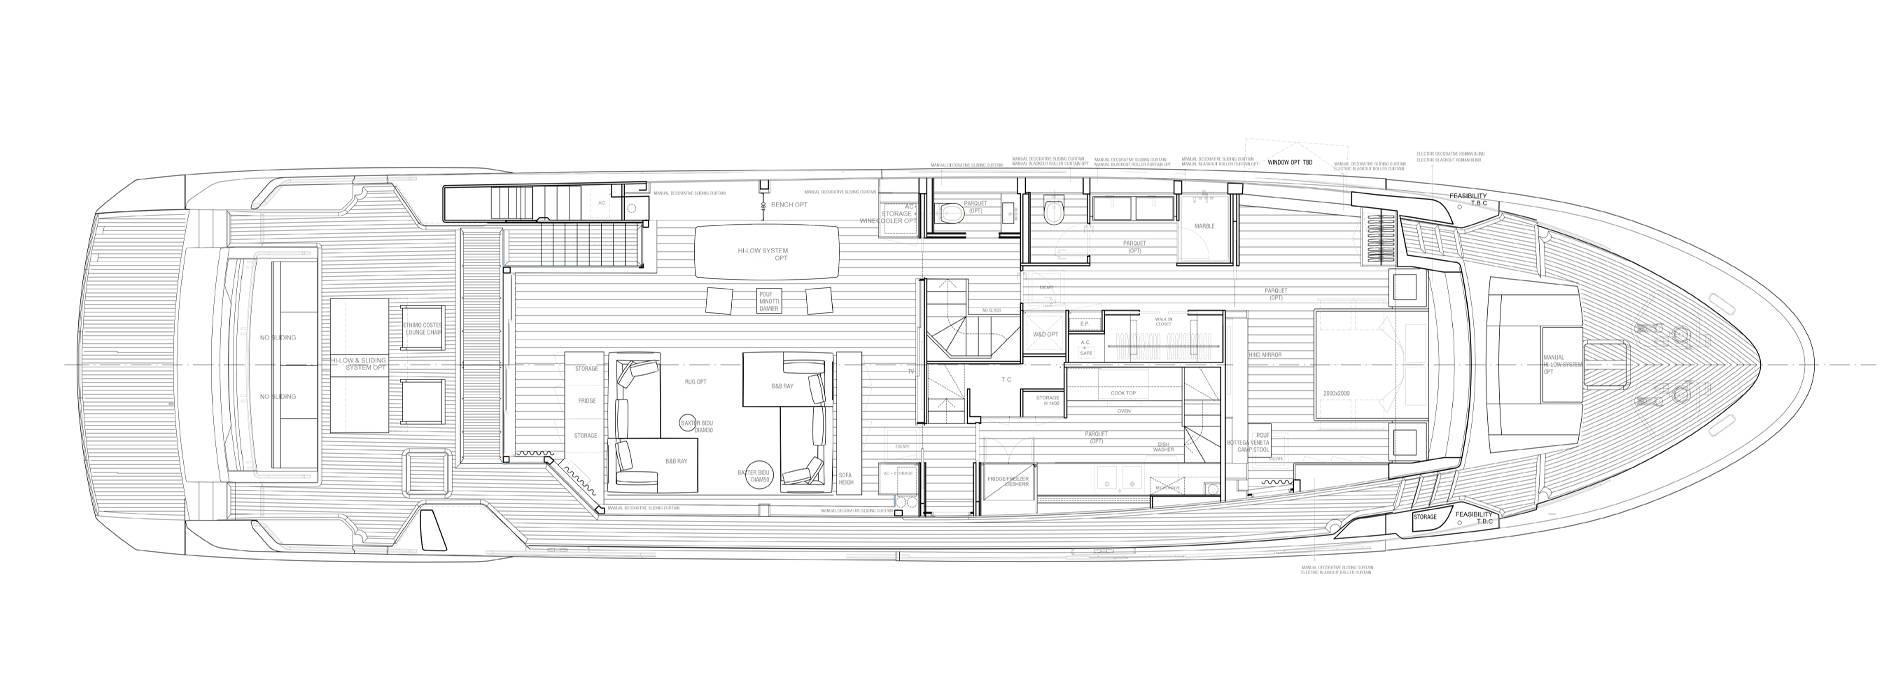 Sanlorenzo Yachts SL102A-746 Main deck